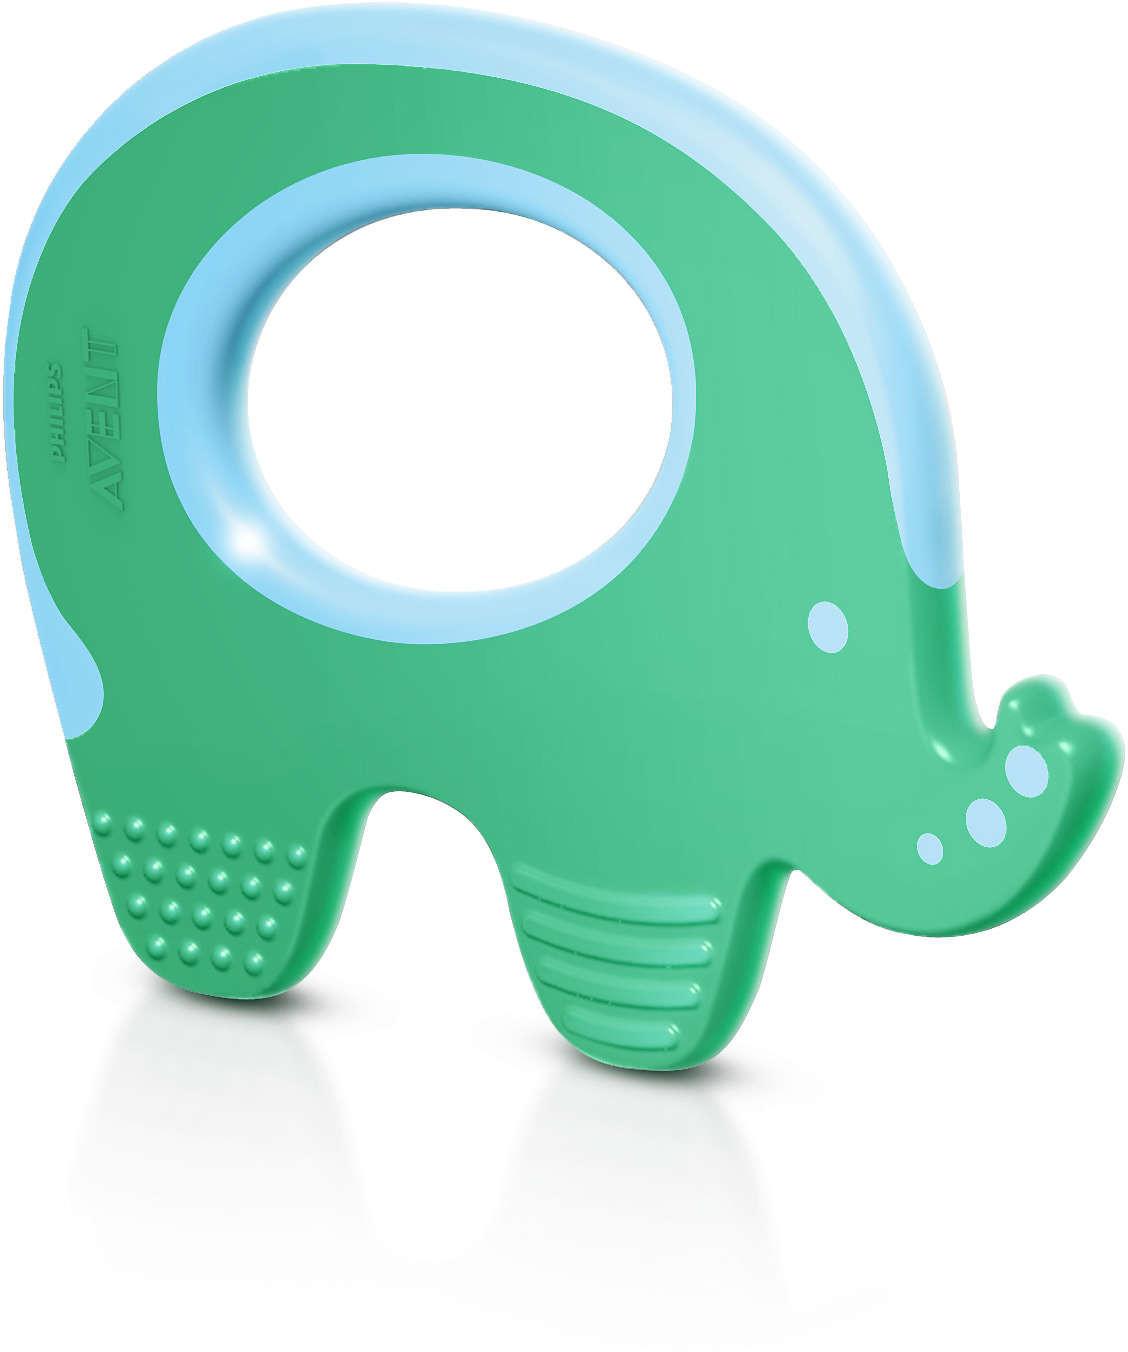 Philips Avent SCF199/00 - Elefante mordedor, color verde